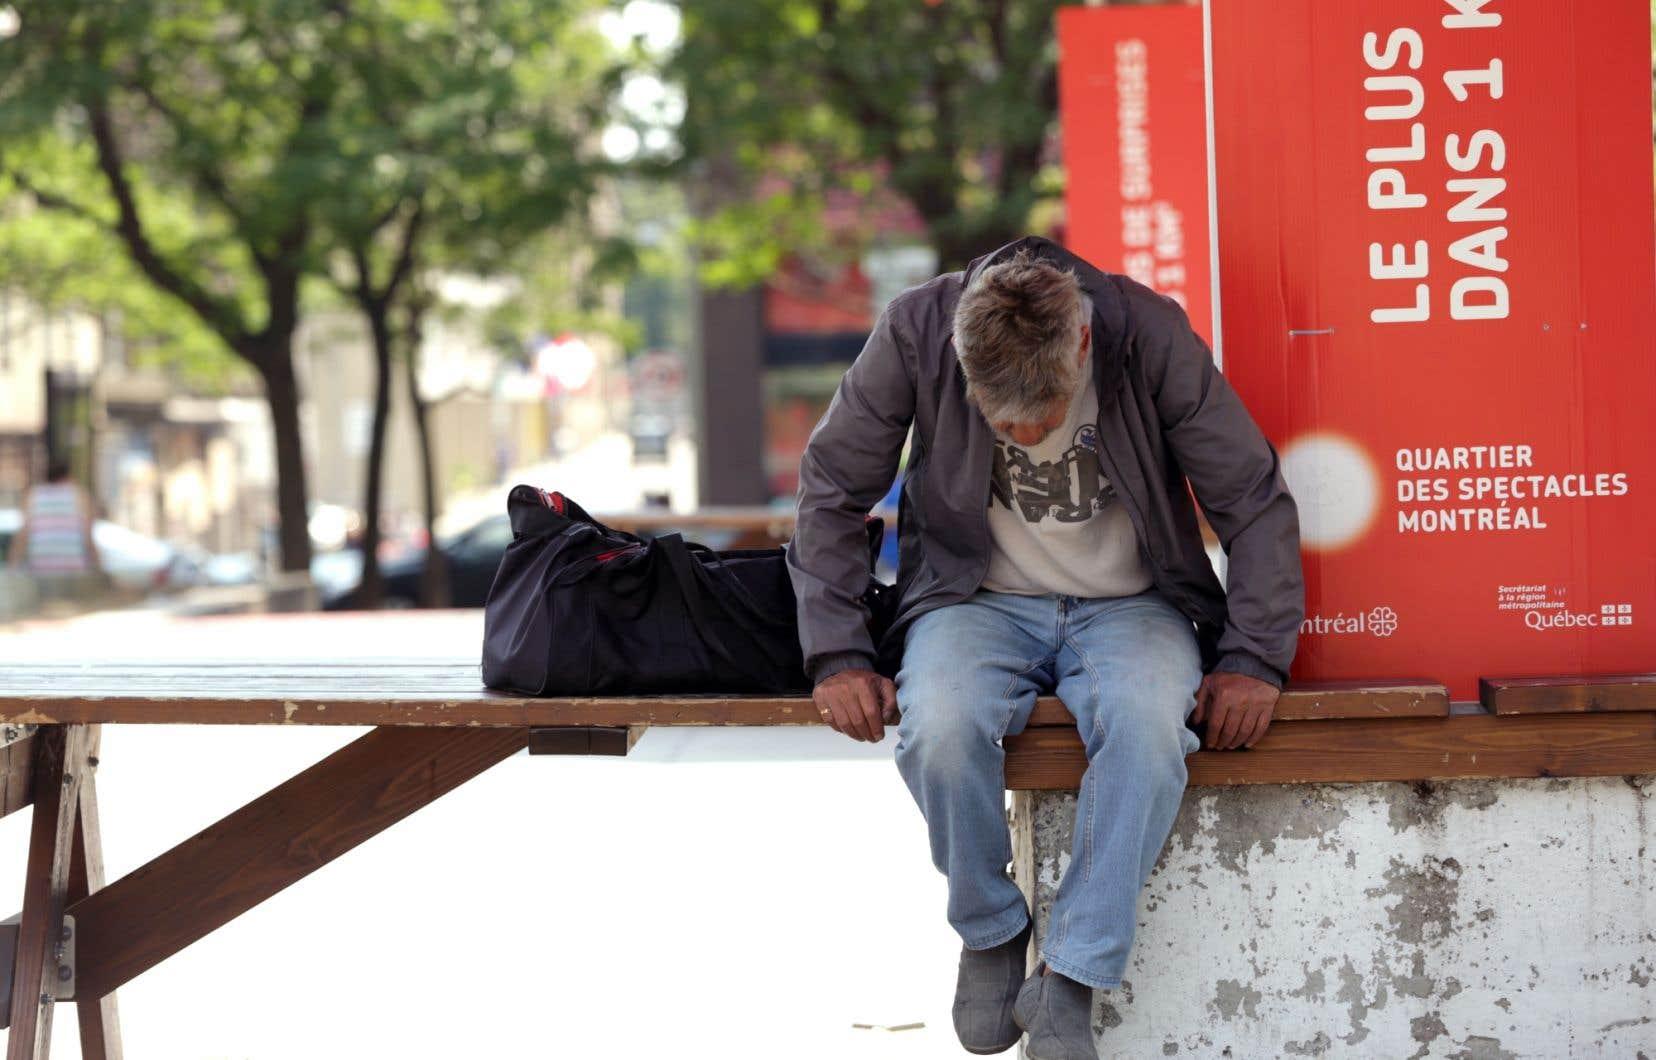 Pendant que les refuges pour personnes sans abri fonctionnent au maximum de leur capacité à Montréal en dépit du temps chaud, des millions de dollars destinés à la lutte contre l'itinérance dorment dans les coffres d'Ottawa. Une situation qui dure depuis des mois, le gouvernement du Québec étant incapable d'en arriver à une entente avec le fédéral.